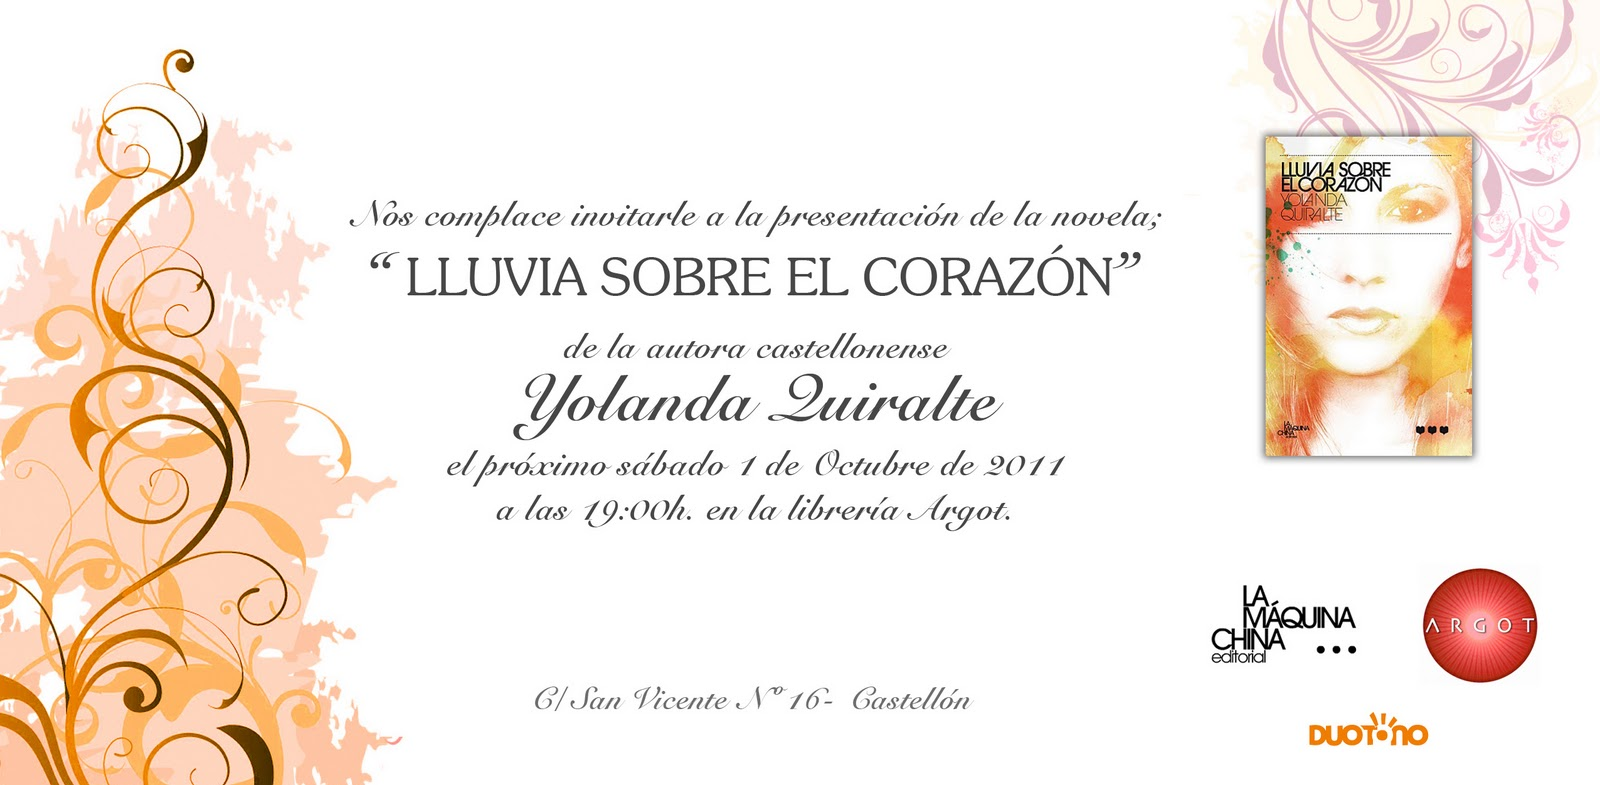 Lluvia Sobre El Corazón Yolanda Quiralte Escribe Romántica